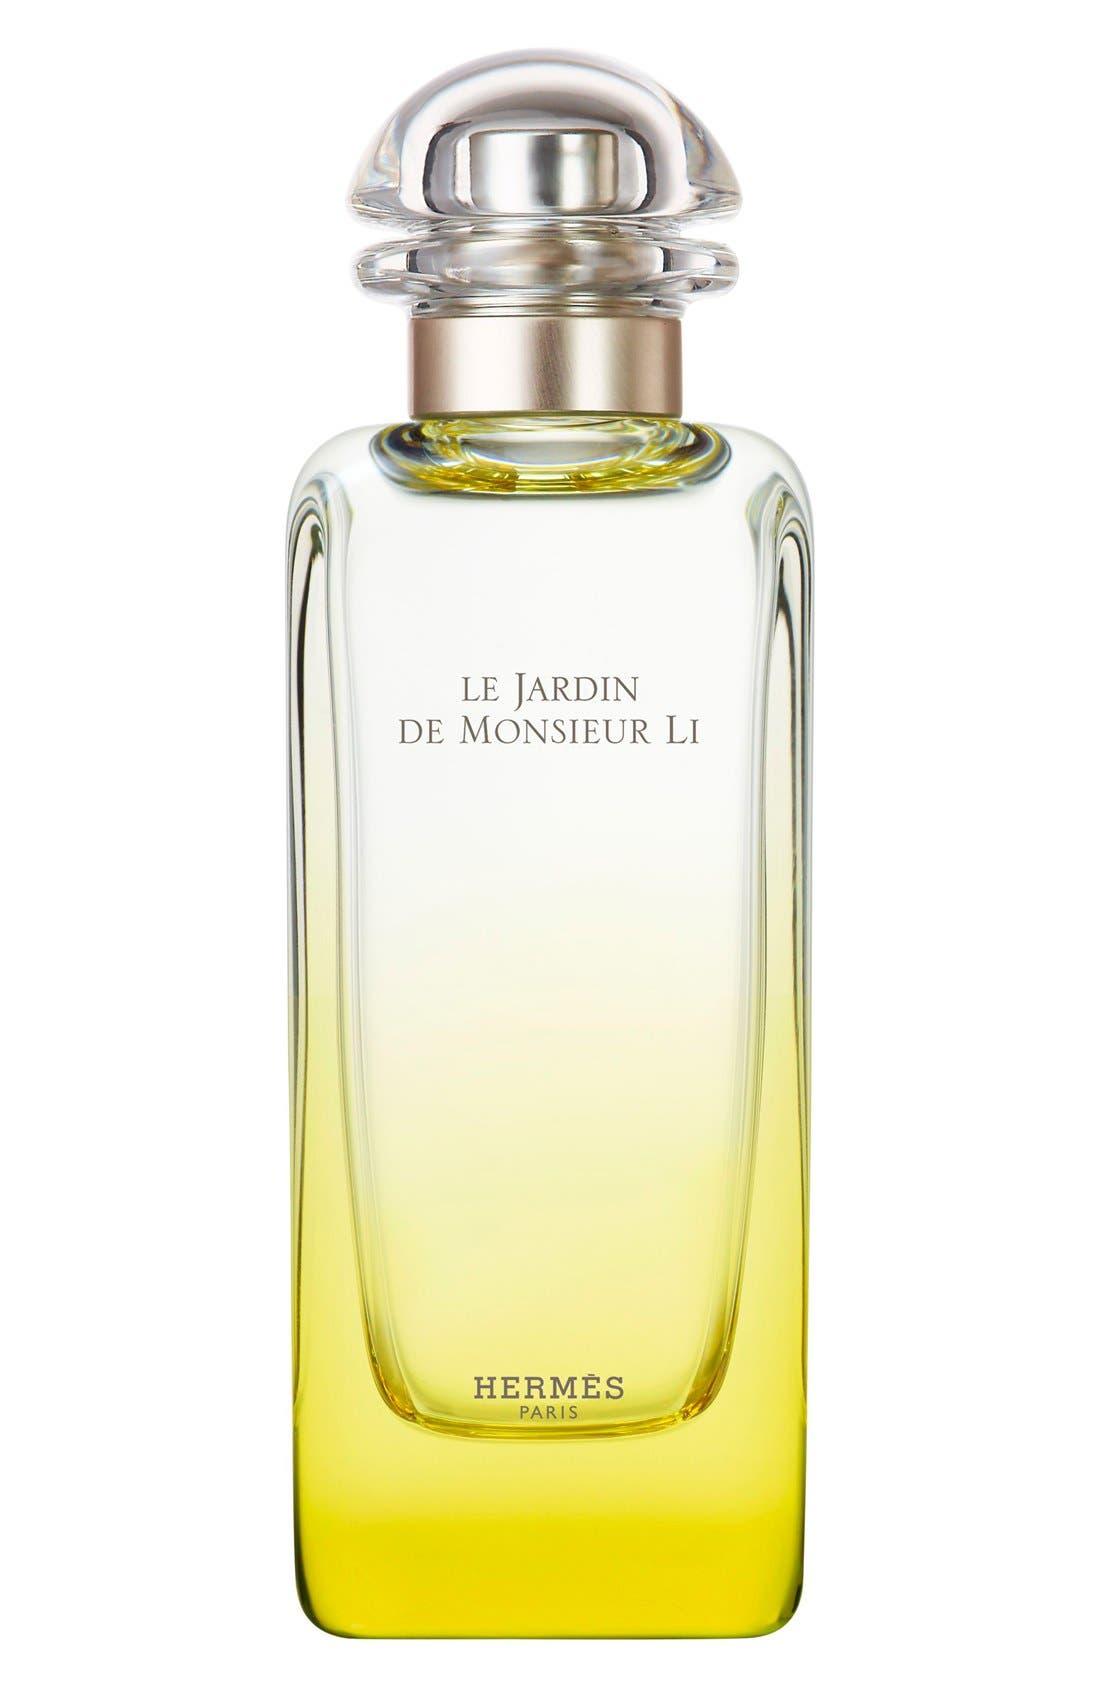 Hermès Le Jardin de Monsieur Li - Eau de toilette spray